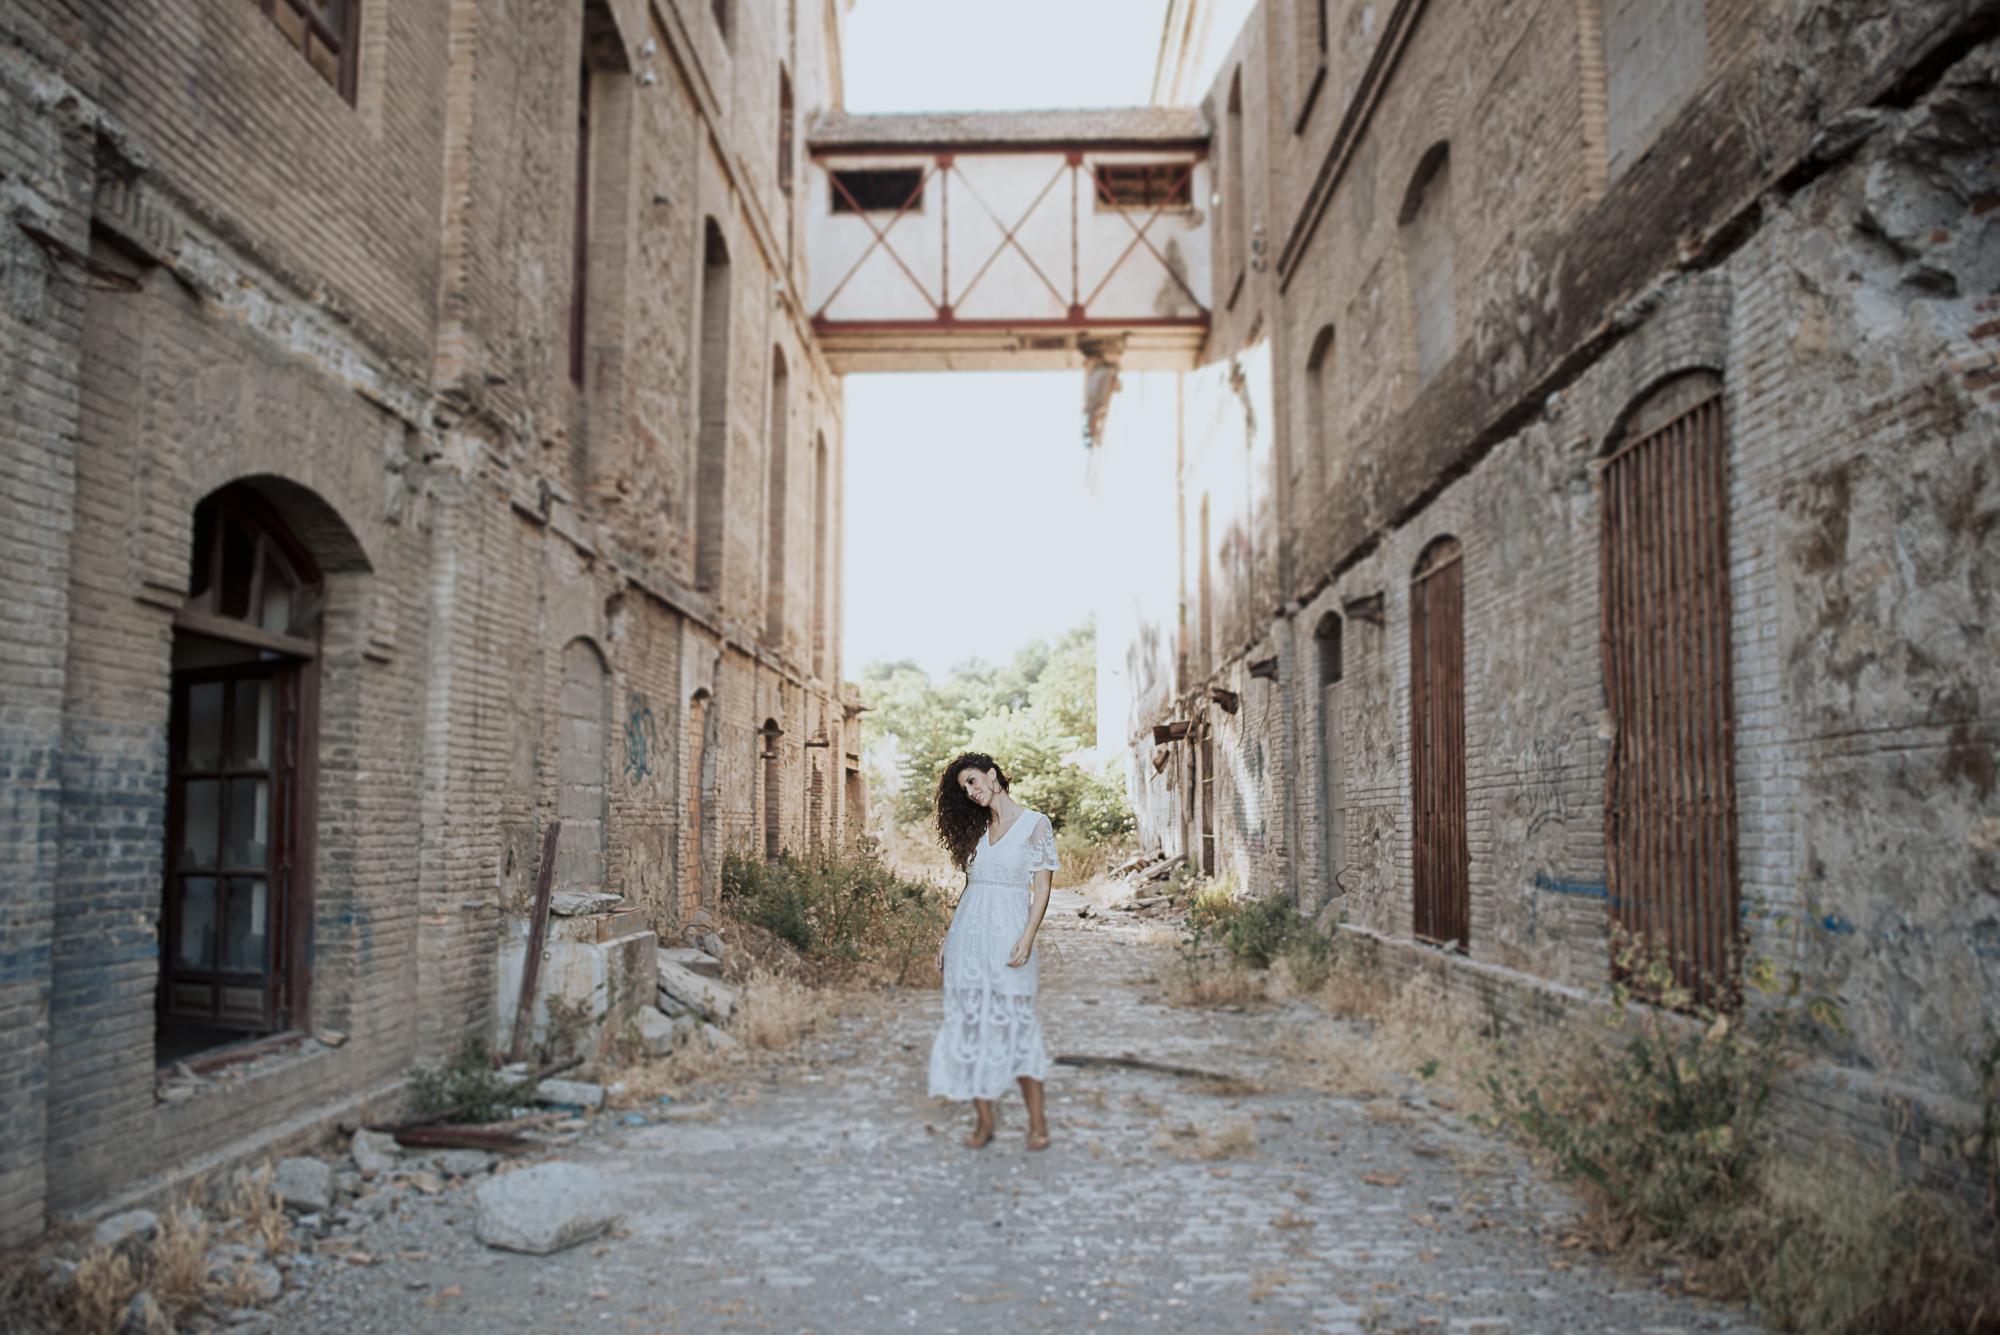 garatefotografia-fotografo-de-boda-en-Granada (19)